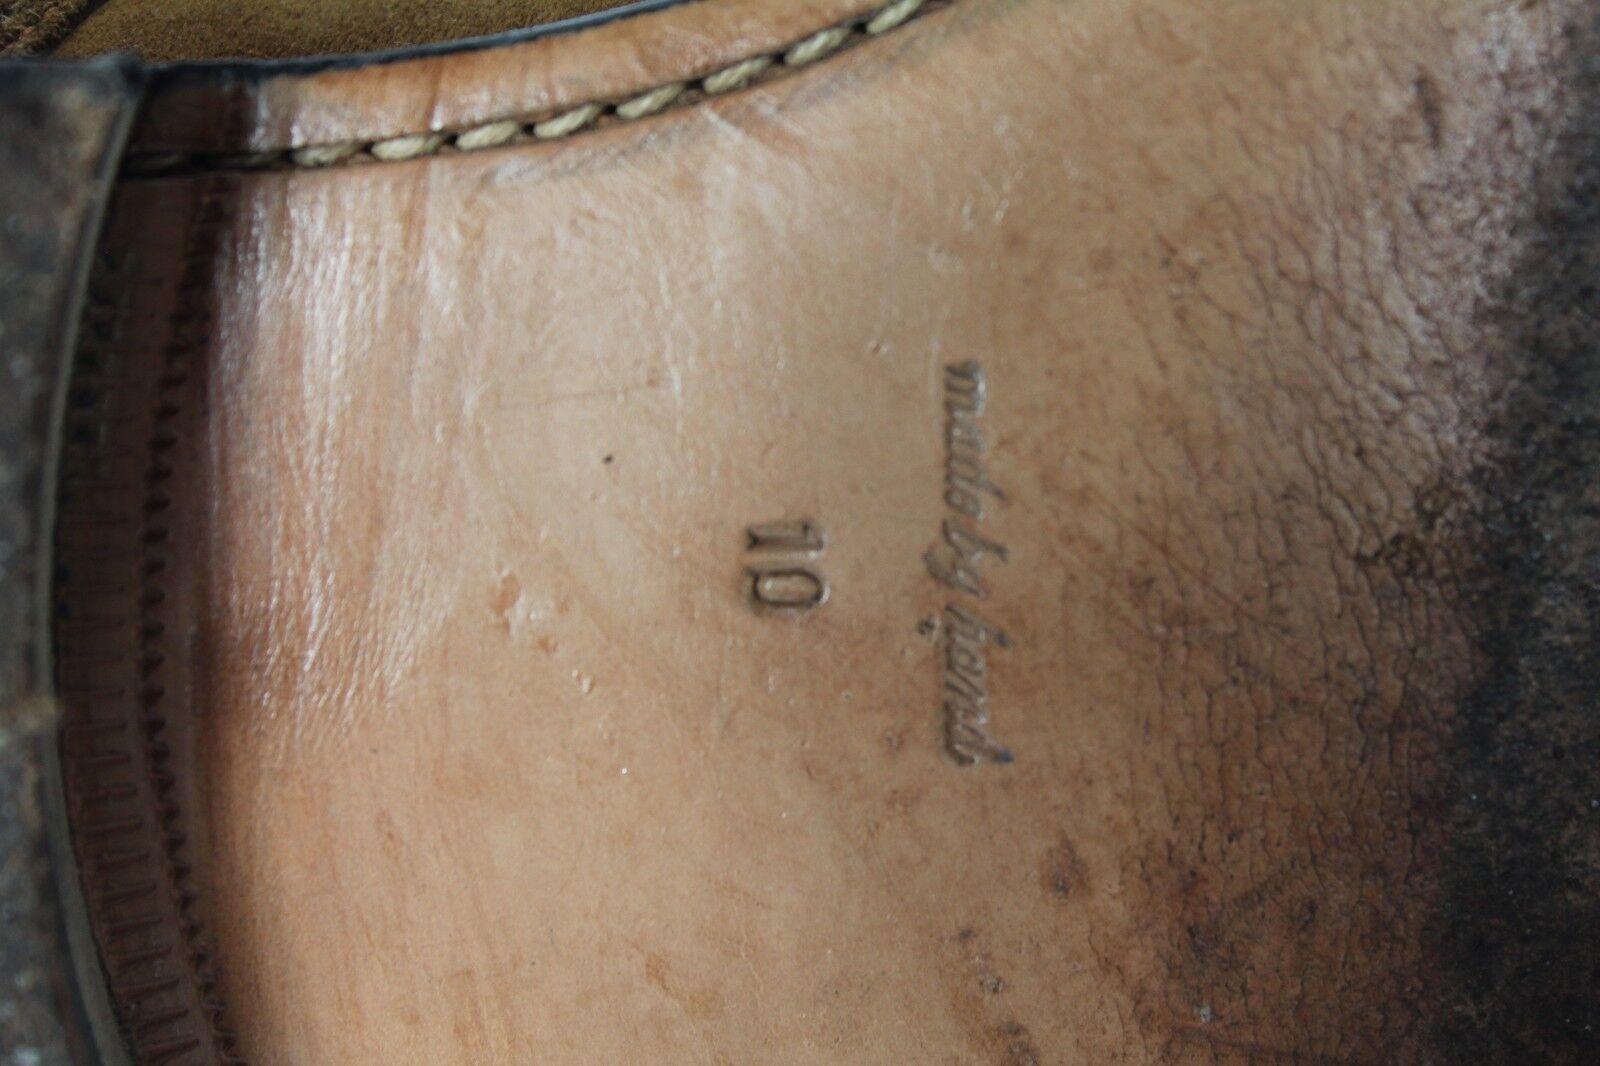 John Weiß England Elegante Budapesterschuhe Wildleder Brauntöne Brauntöne Brauntöne Eu 44,5-Uk 10  2d6f0d